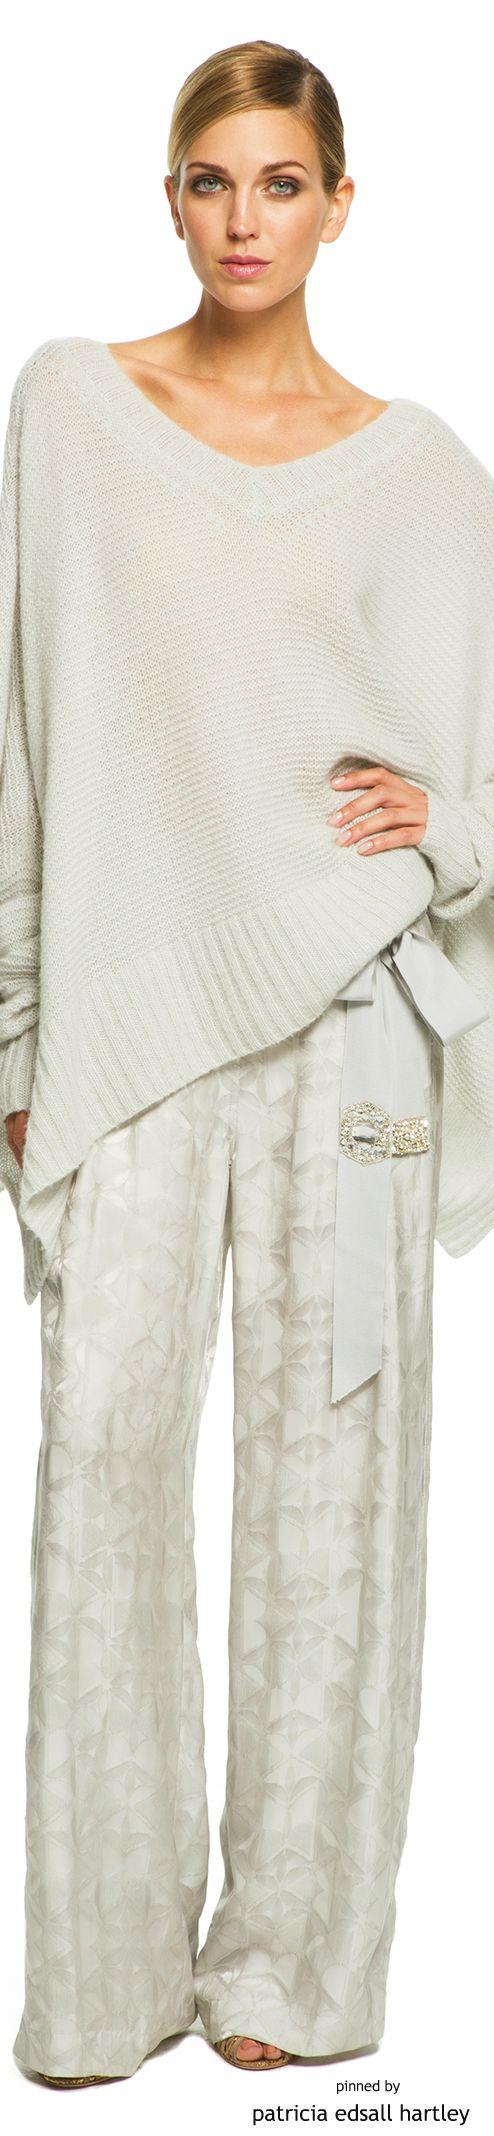 La mia scelta ed i miei gusti nel campo della moda, per classe ed elegante. Anche taglia XL. Ninni - Donna Karan F/W 2015